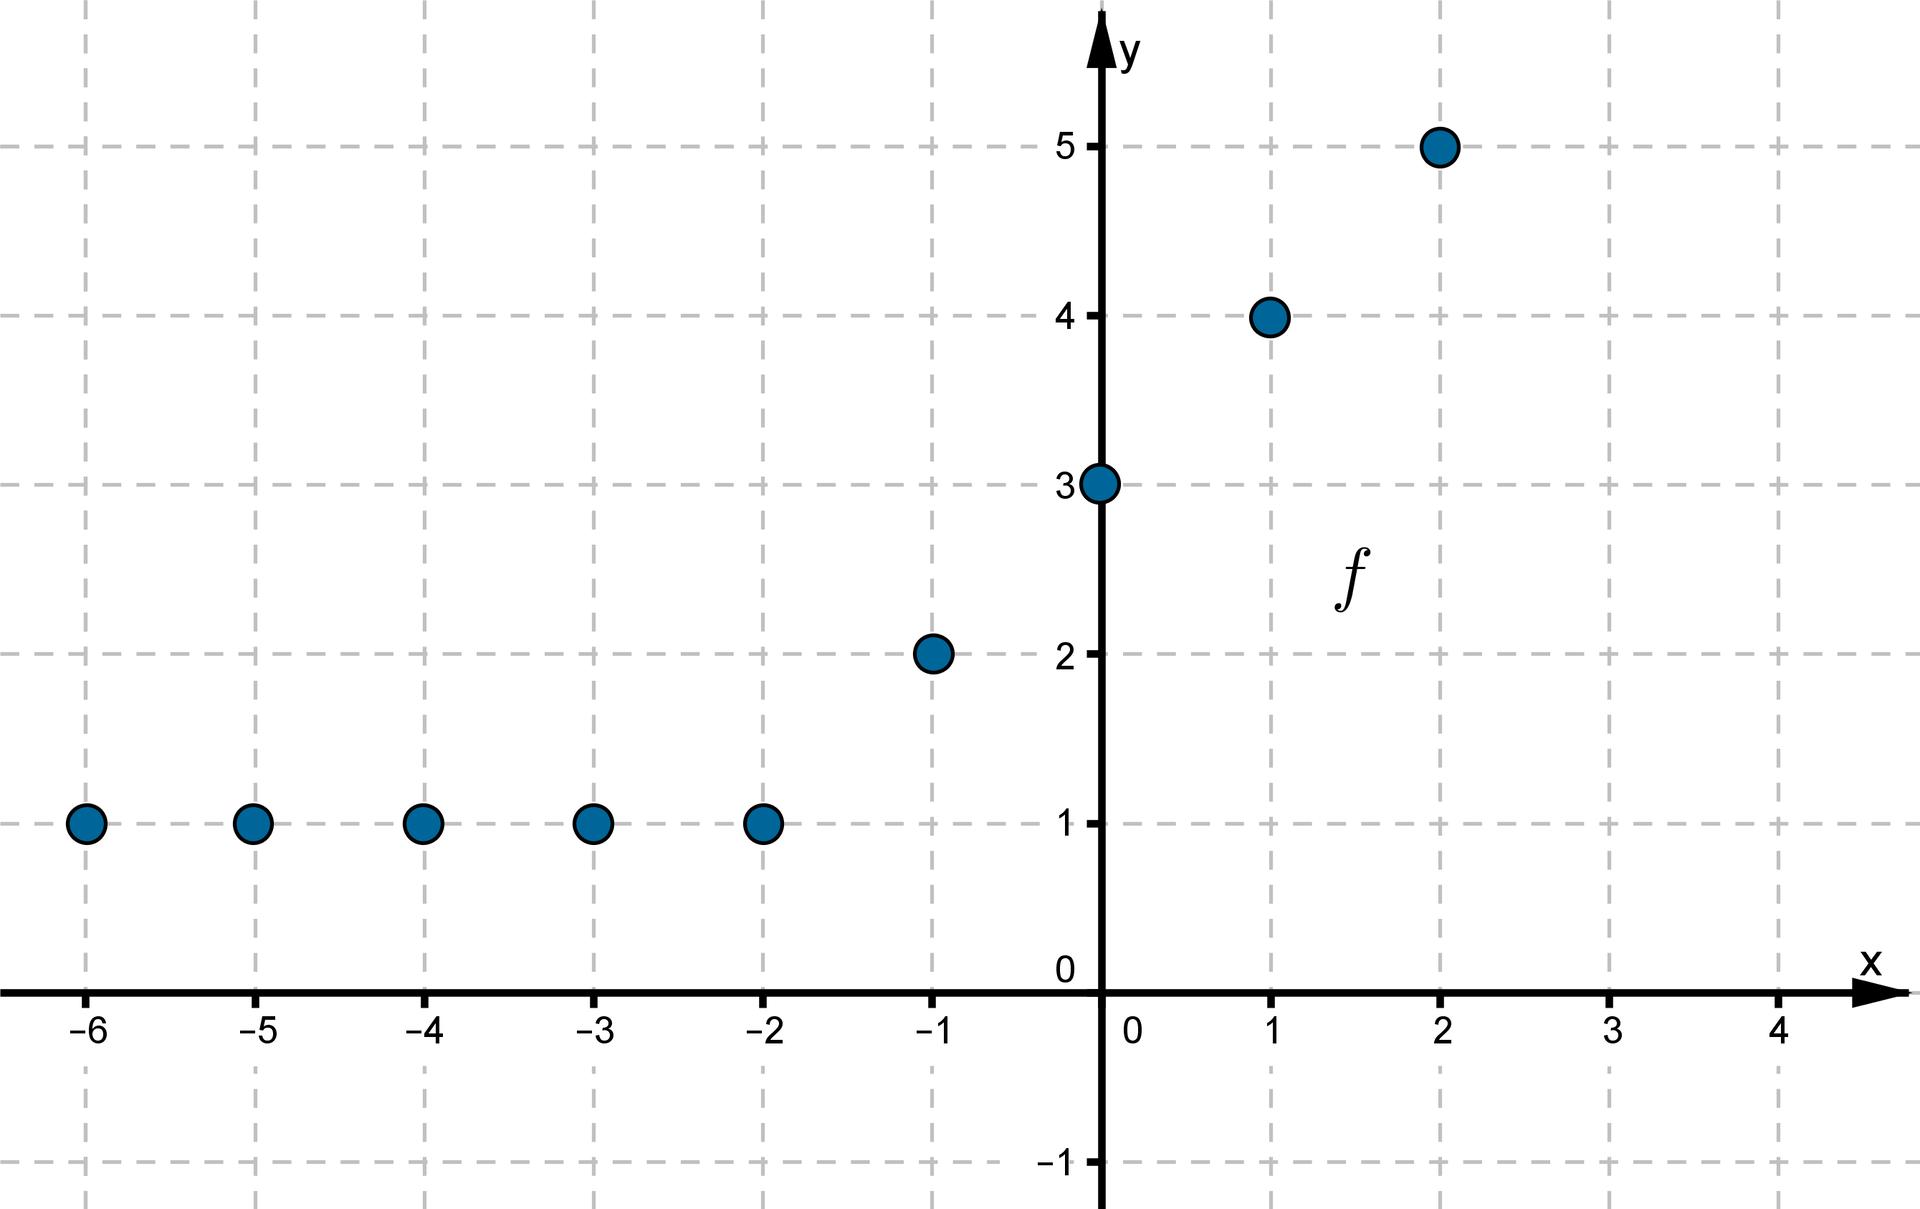 Wykres funkcji składa się zdziewięciu punktów owspółrzędnych (-6, 1), (-5, 1), (-4, 1), (-3, 1), (-2, 1), (-1, 2), (0, 3), (1, 4), (2, 5).